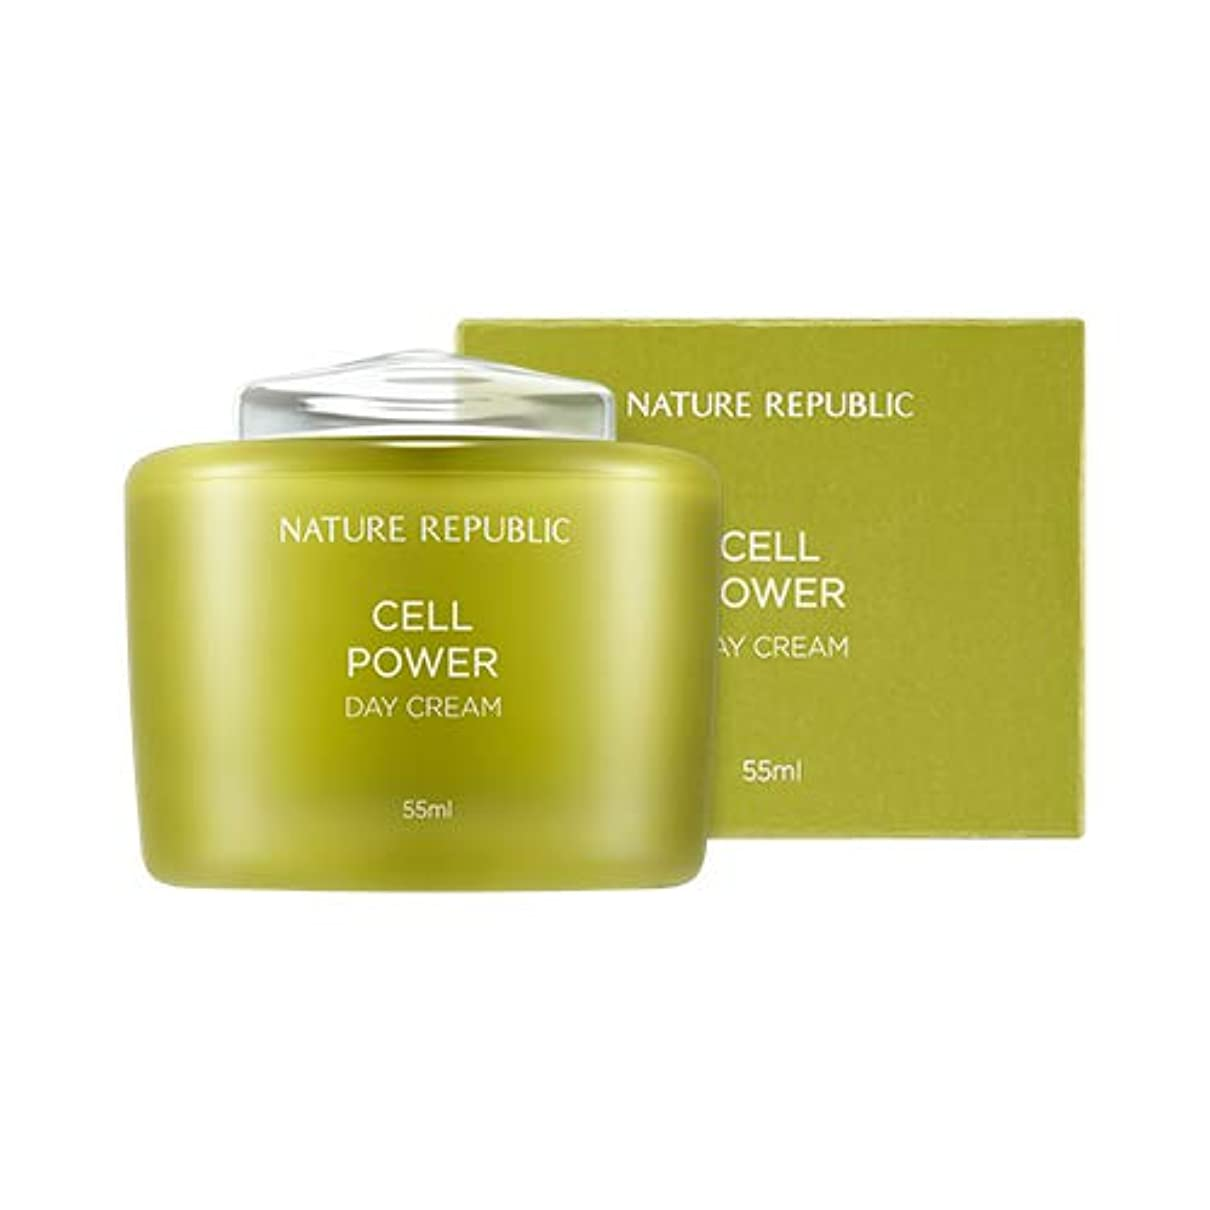 緊張グレード柔和NATURE REPUBLIC Cell Power Day Cream/ネイチャーリパブリック セルパワー デイクリーム 55ml [並行輸入品]